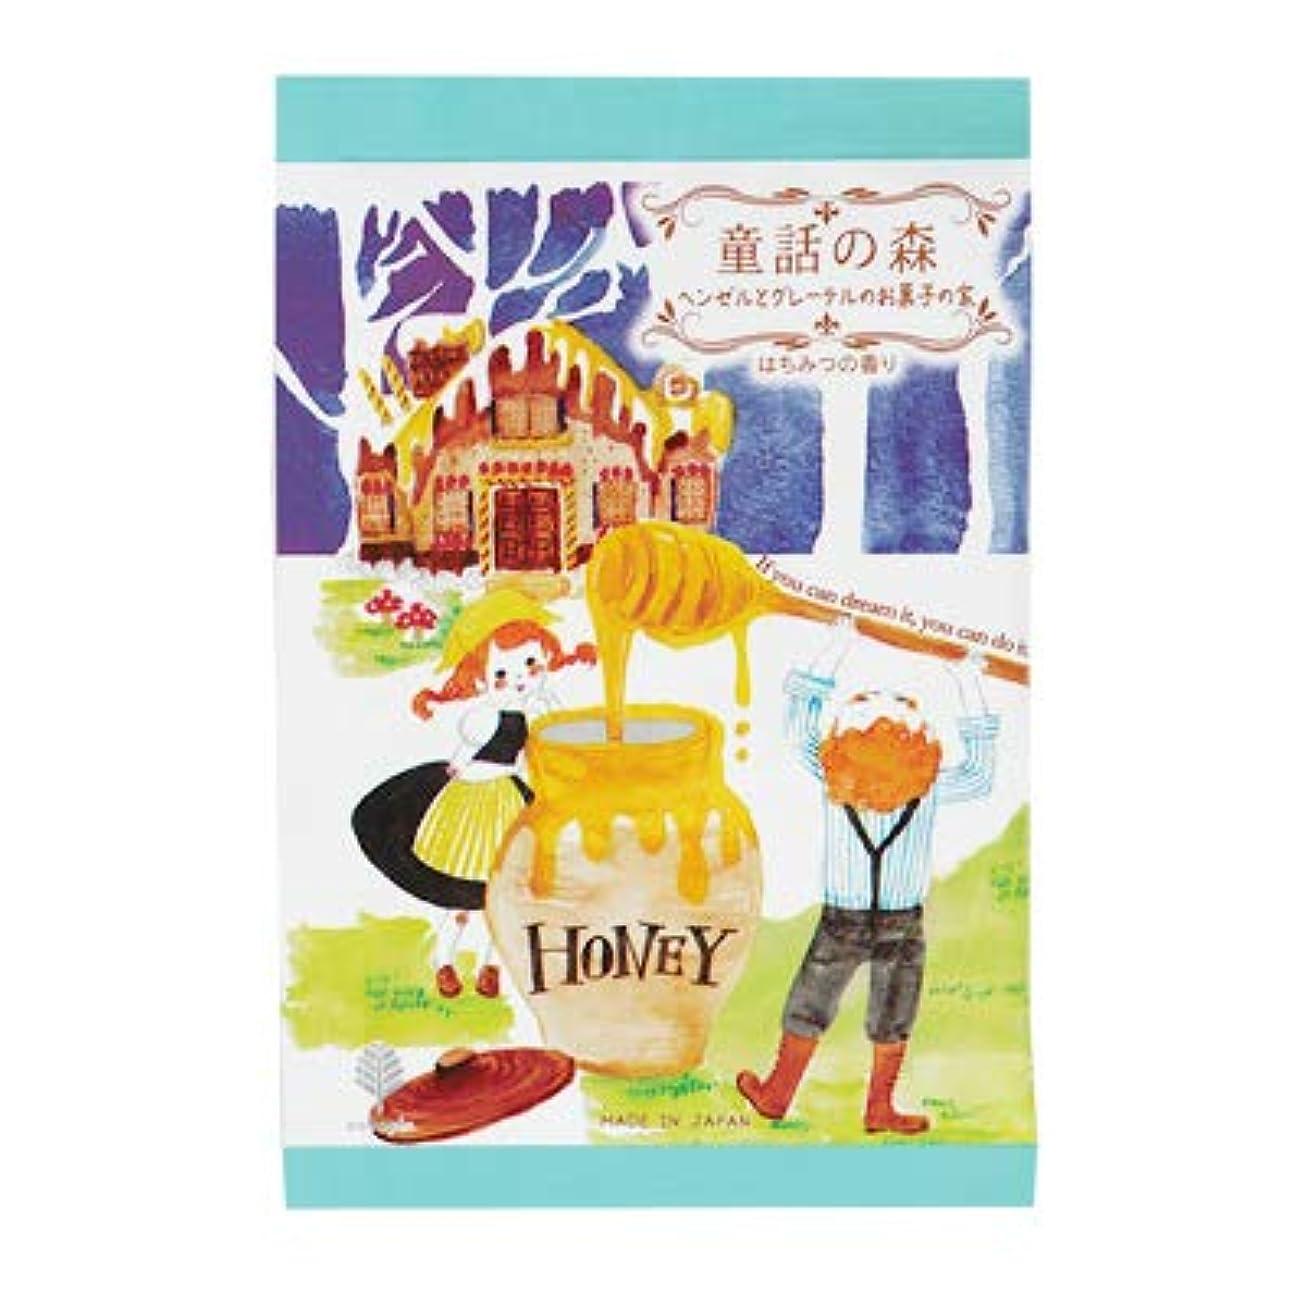 【まとめ買い6個セット】 童話の森 ヘンゼルとグレーテルのお菓子の家